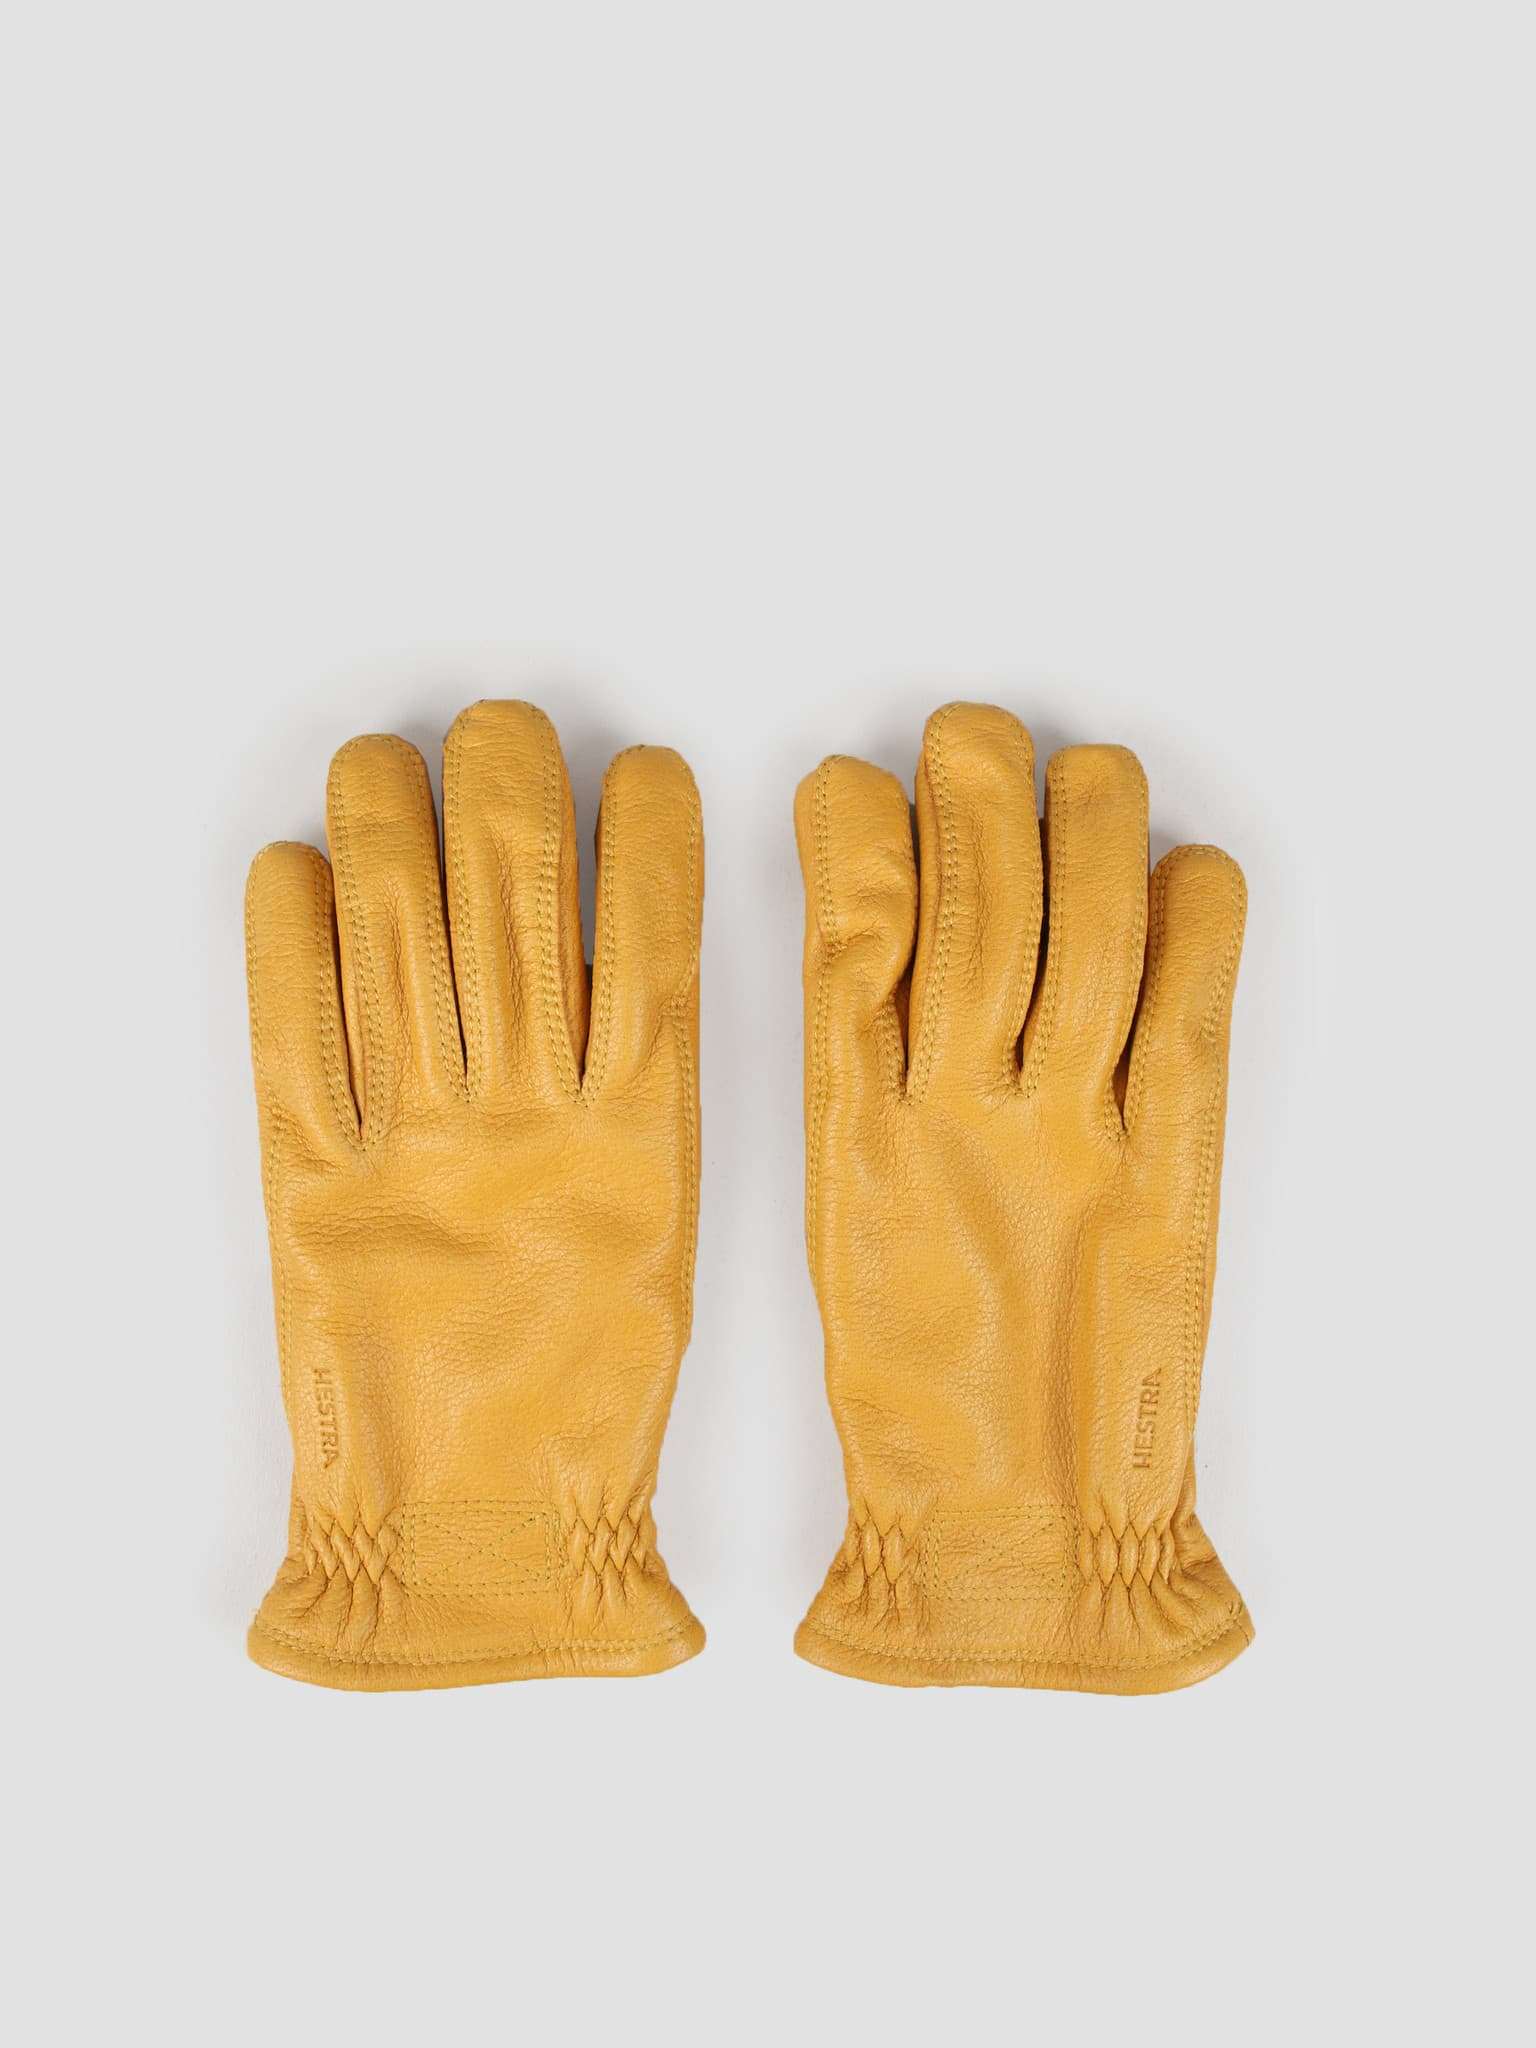 Särna Natural Glove Yellow 20890